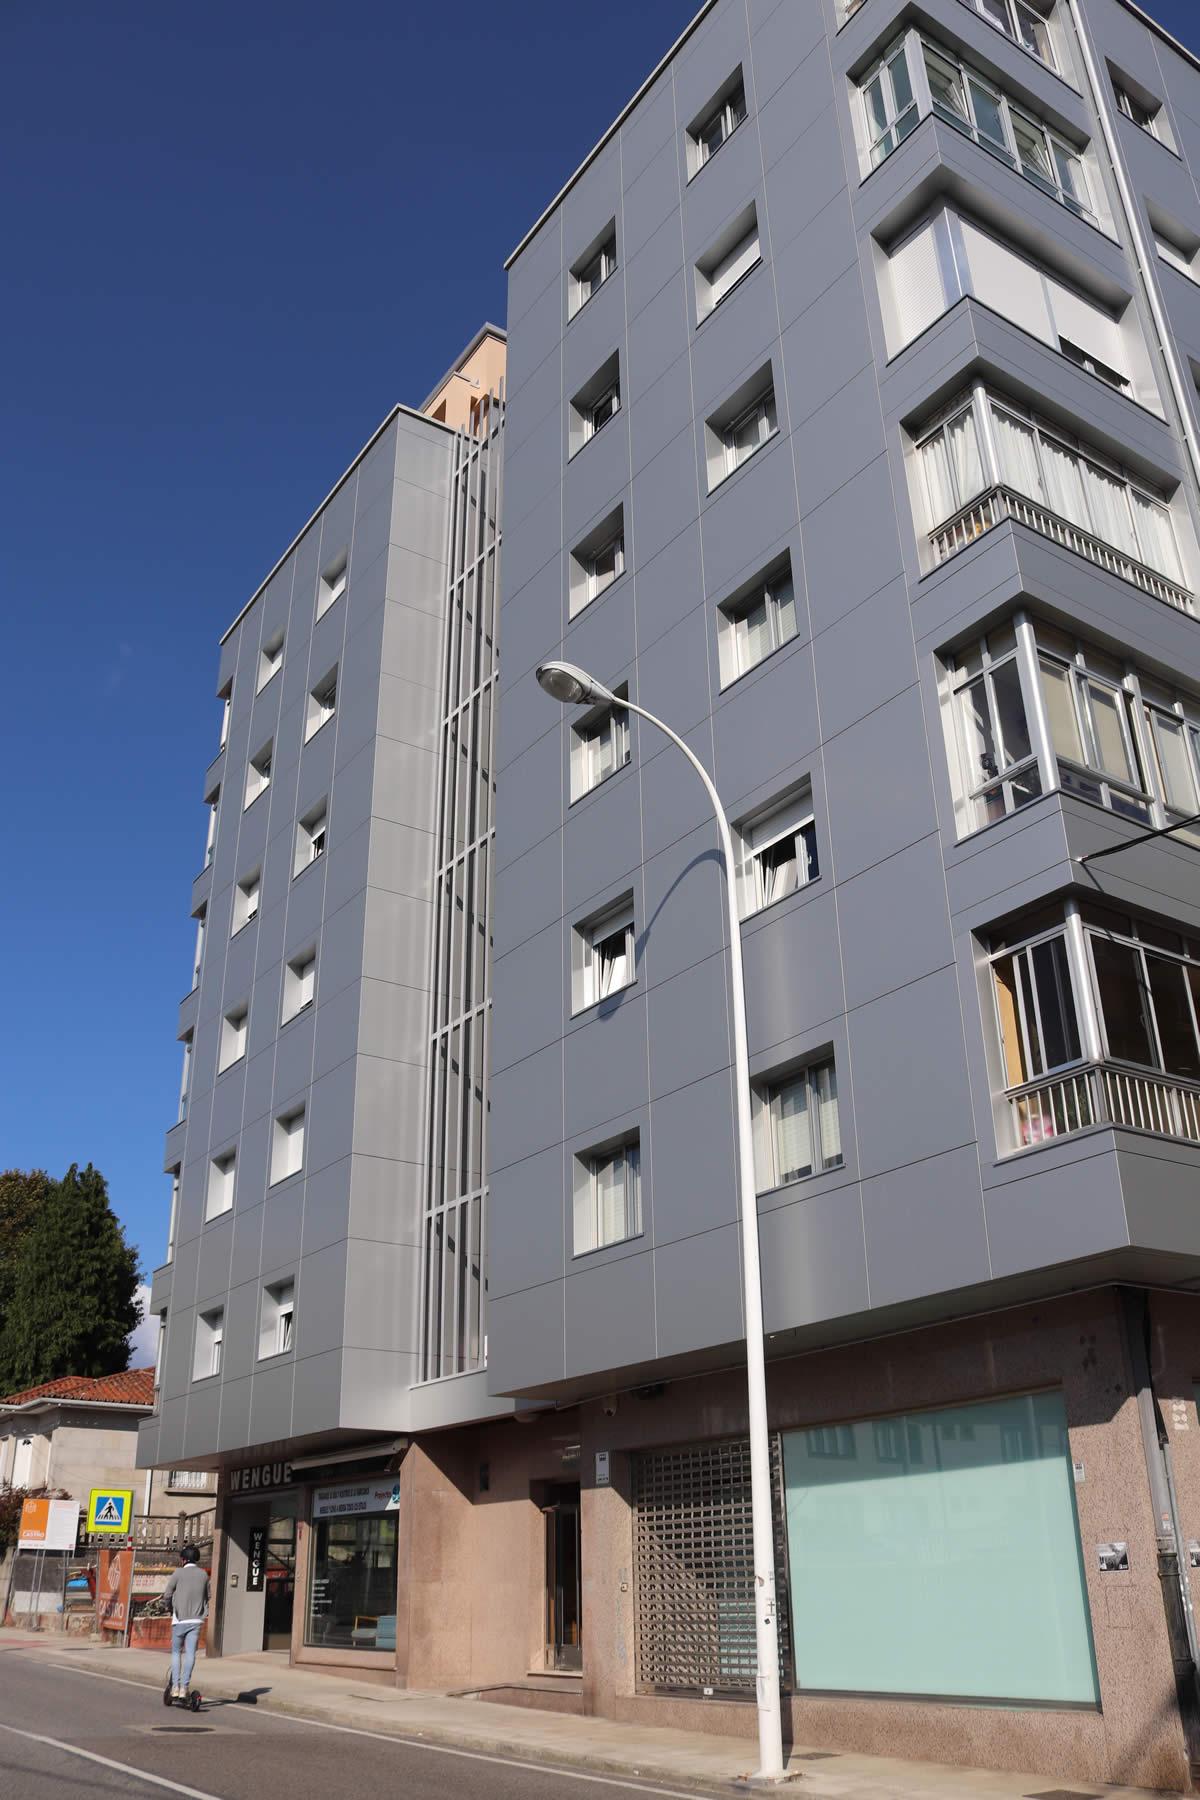 Imagen principal de la noticia Bloques de viviendas rehabilitados con fachadas LEMA STACBOND